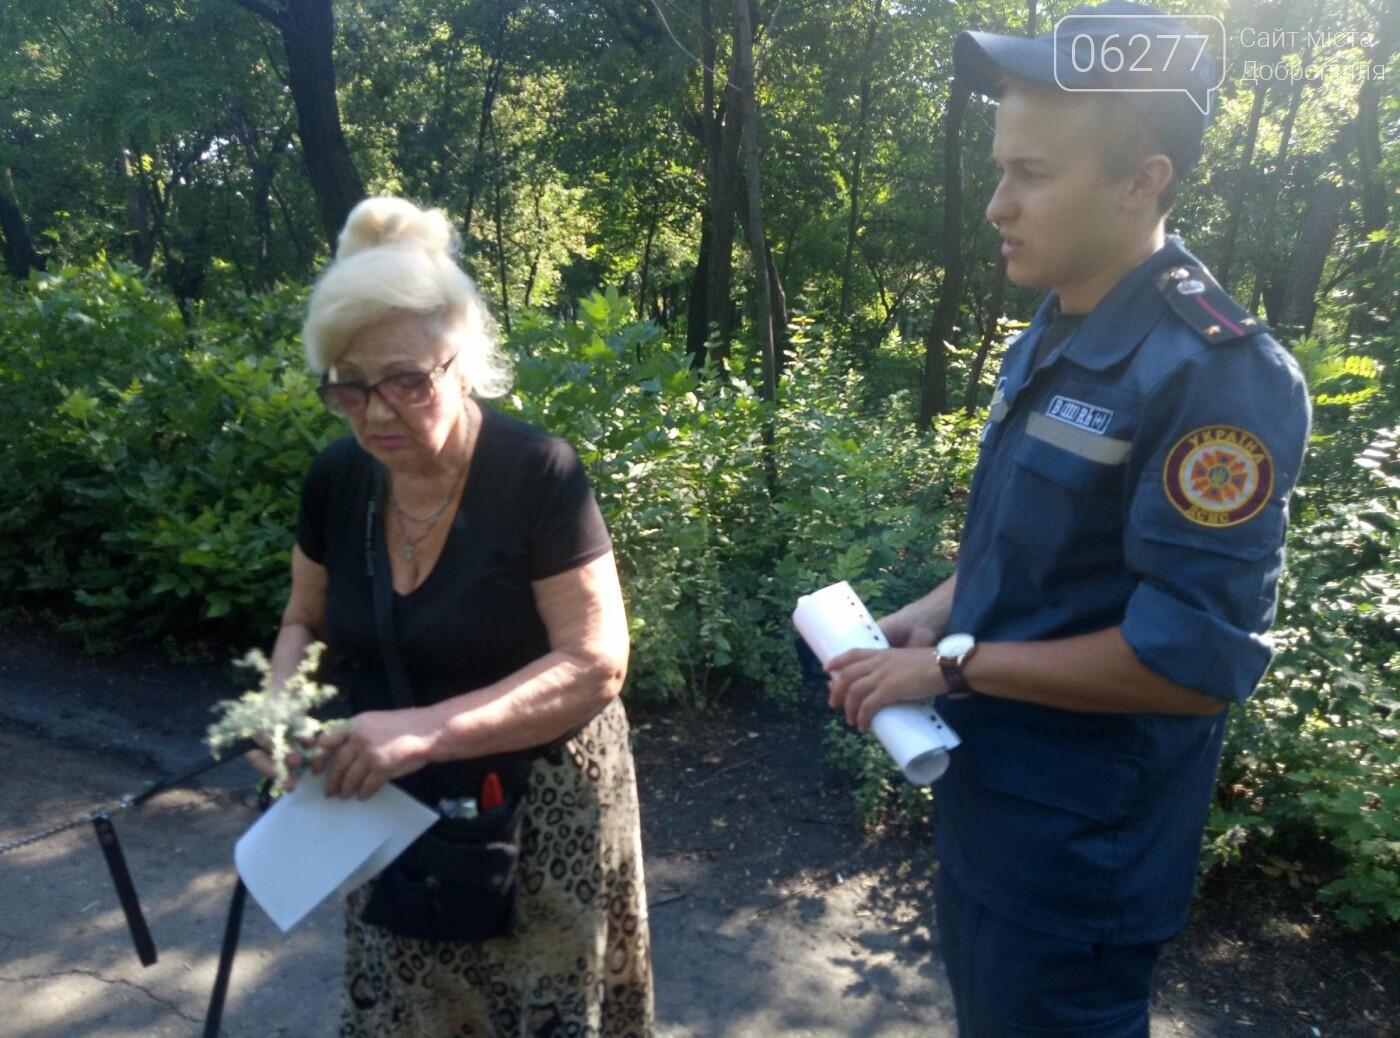 Спеціалісти Служби порятунку провели профілактичну роботу серед населення Добропілля, фото-2